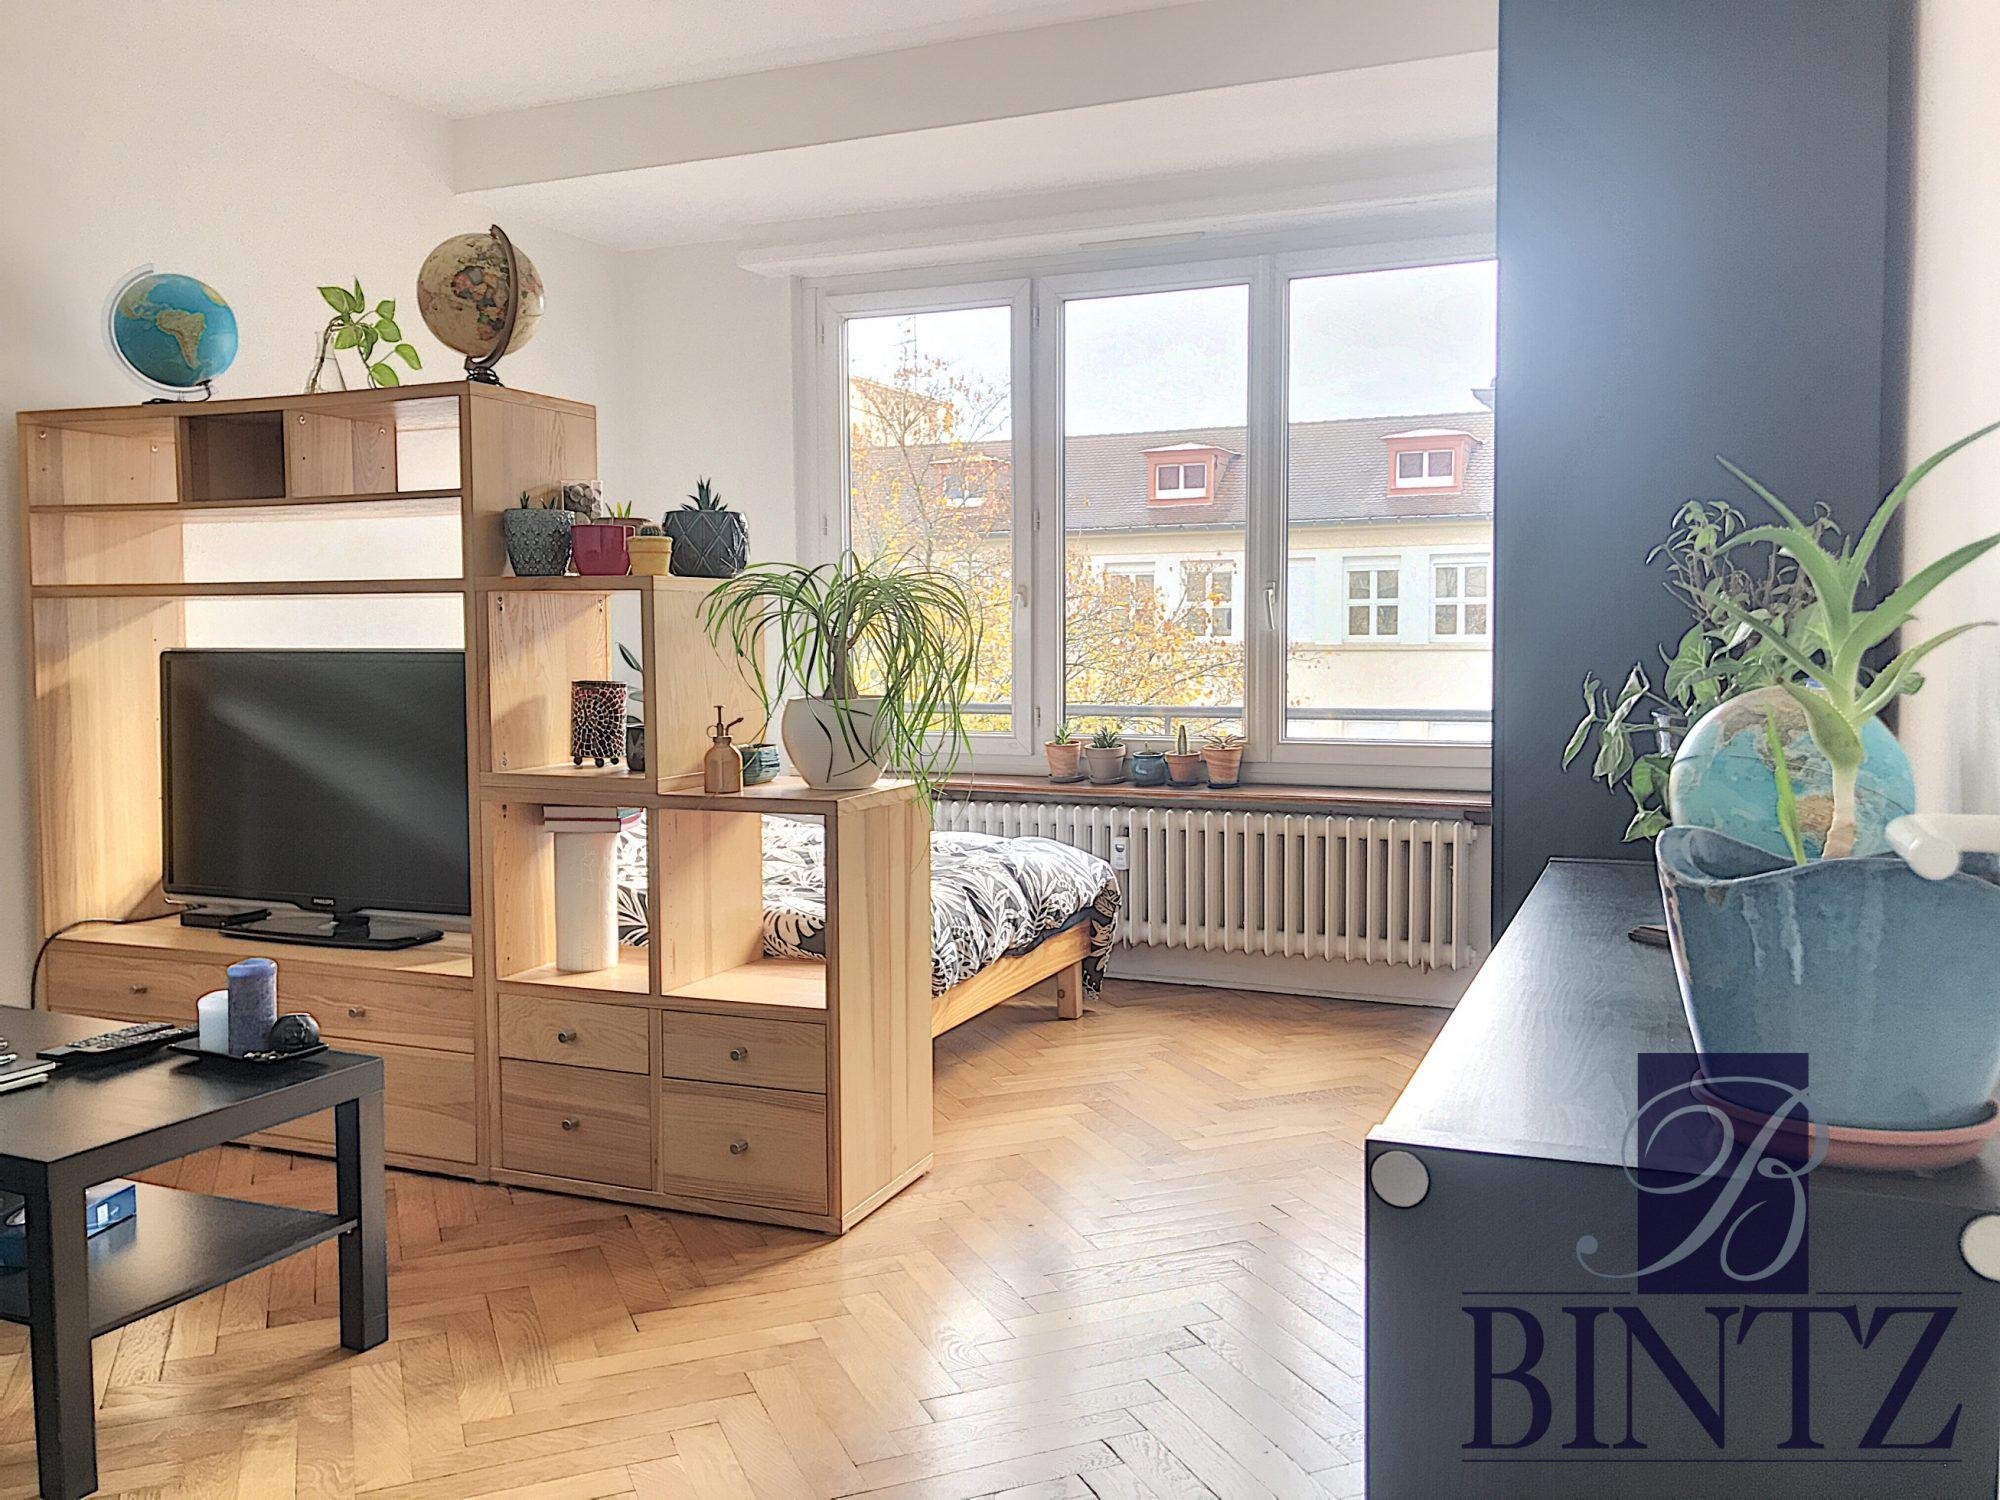 1 PIÈCE QUARTIER KRUTENAU - Devenez locataire en toute sérénité - Bintz Immobilier - 1